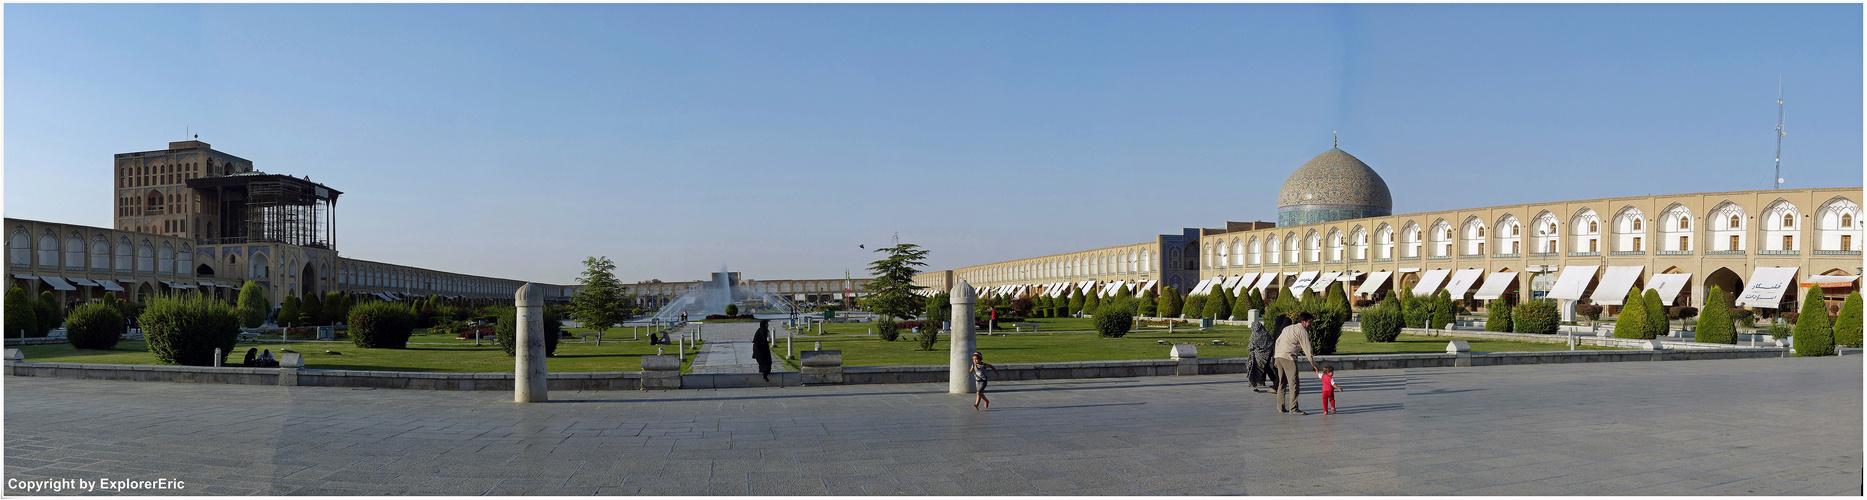 die riesige Palast-Anlage Ali Qapu............